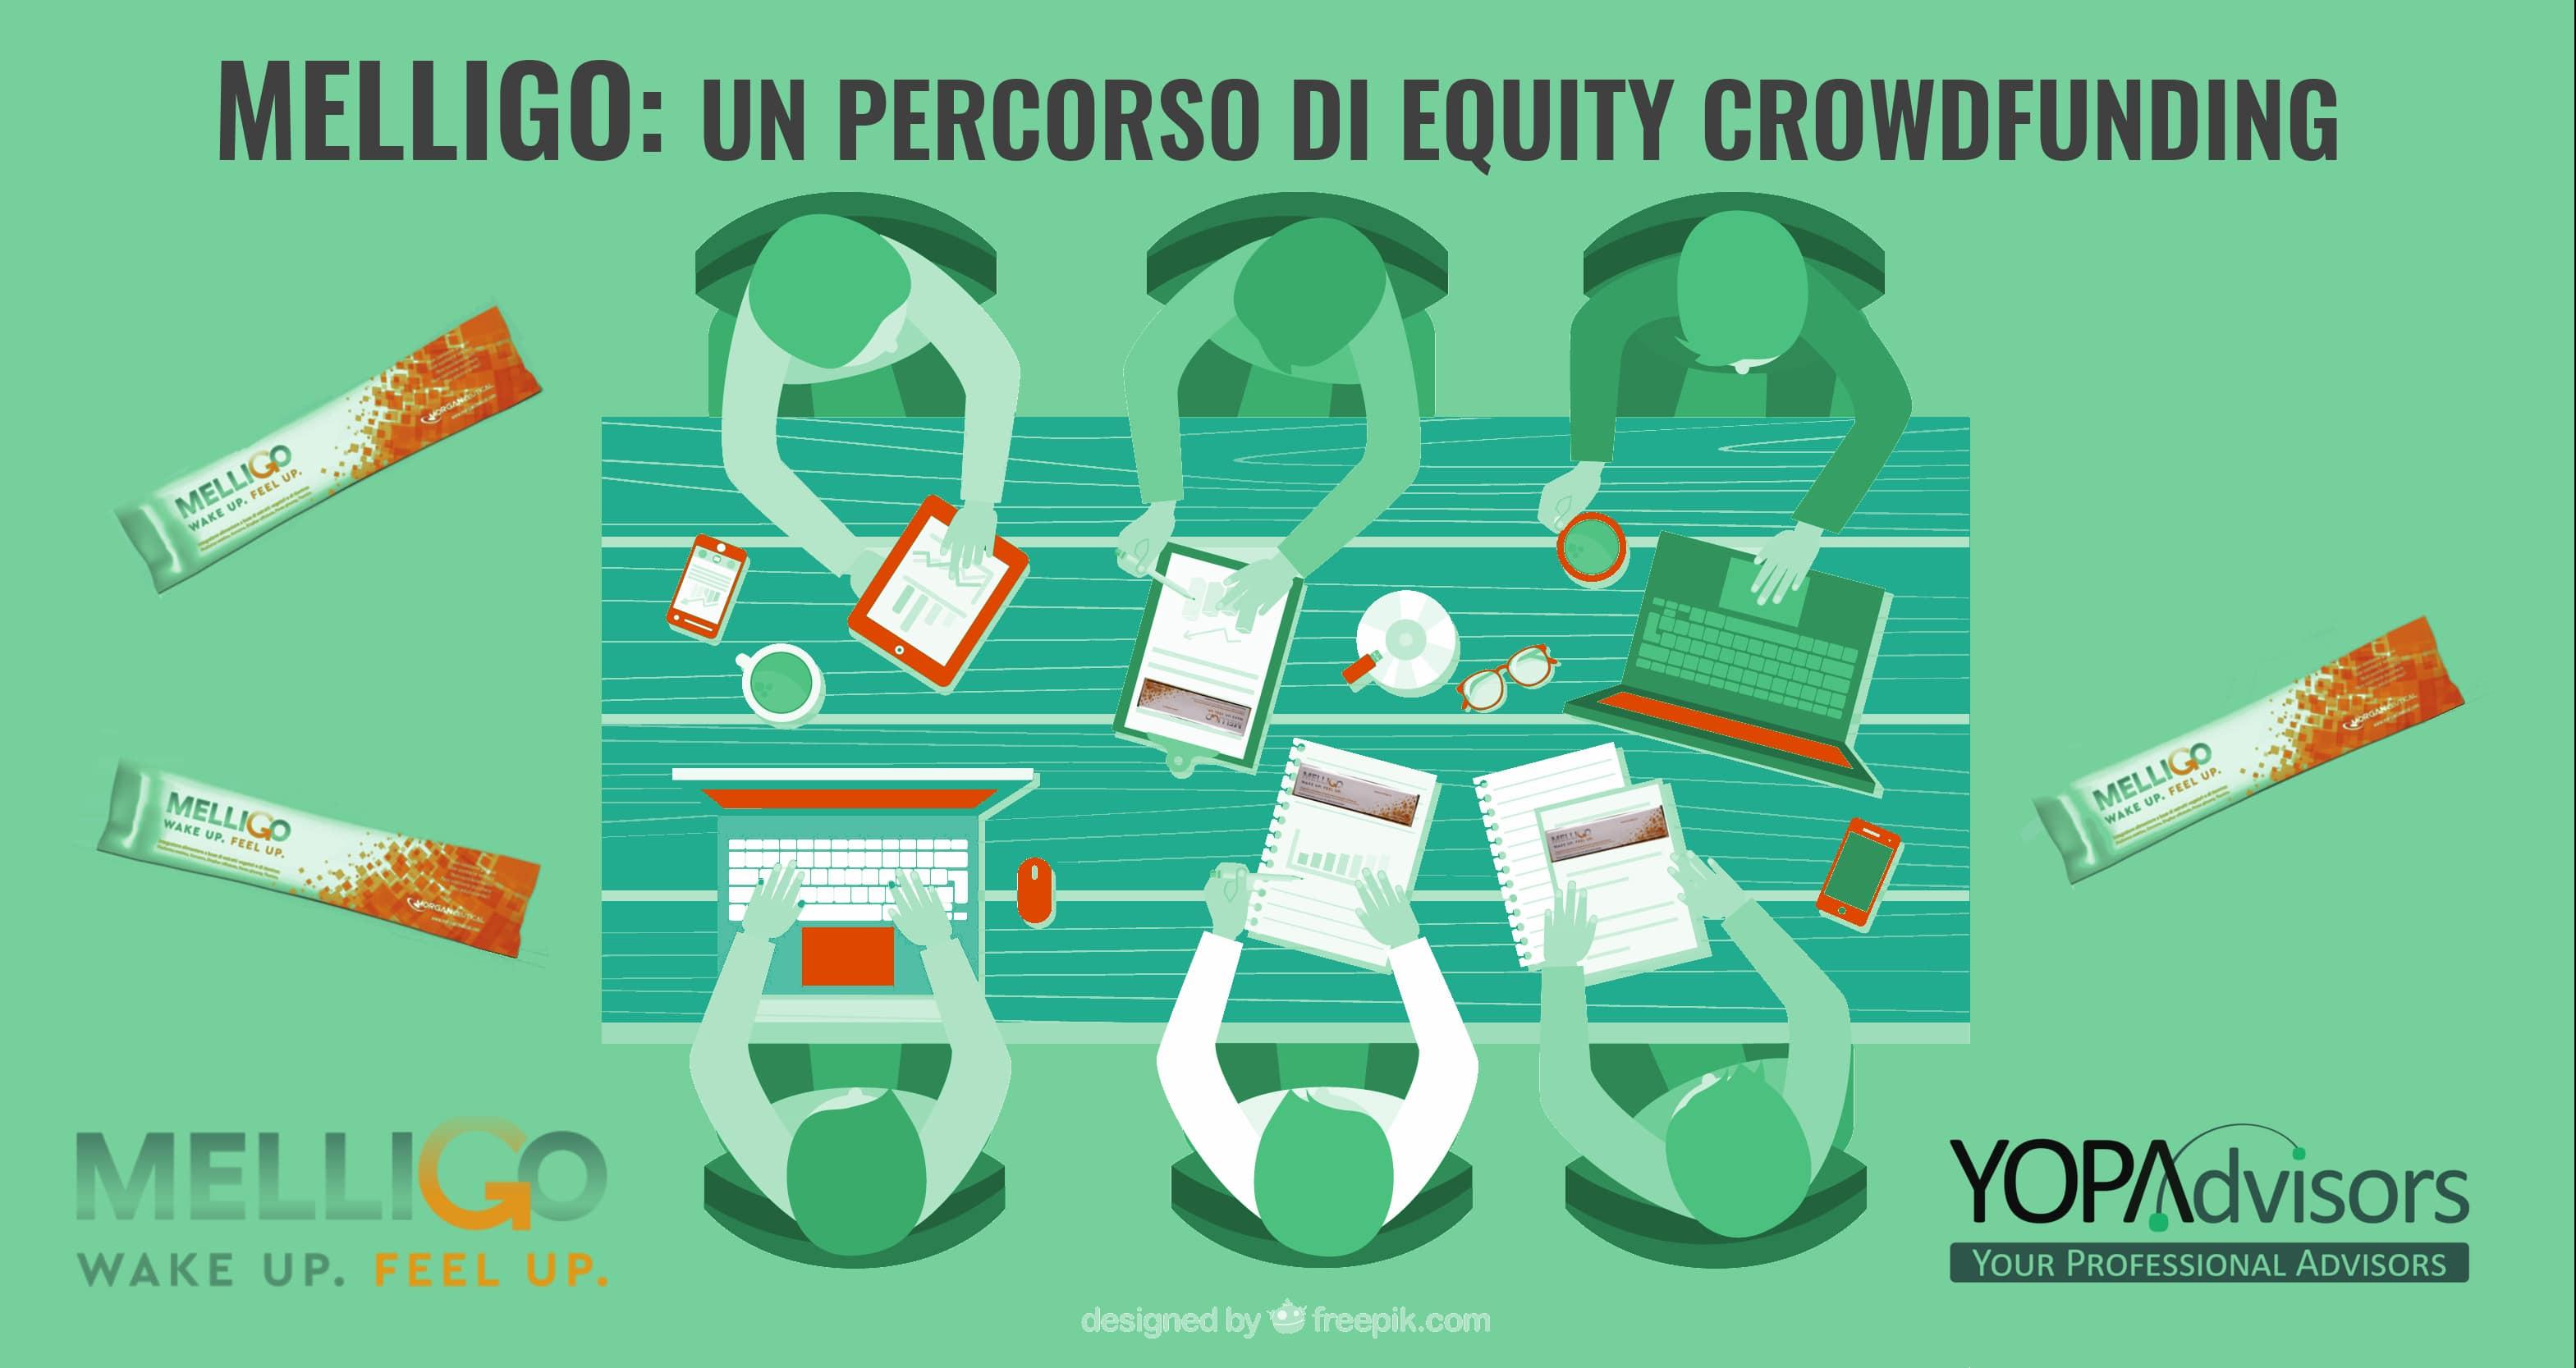 Come si avvia una campagna di equity crowdfunding: il caso di Melligo